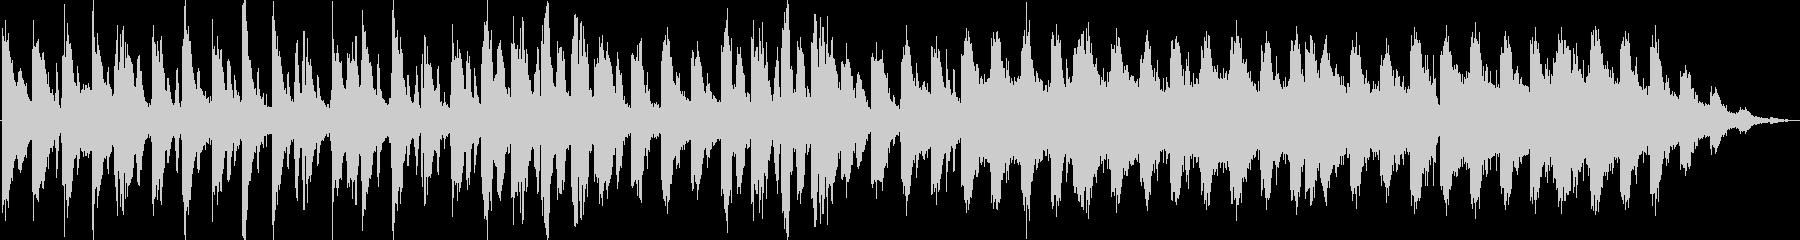 四つ打ちのシンセ系 JAZZ風な響きの未再生の波形